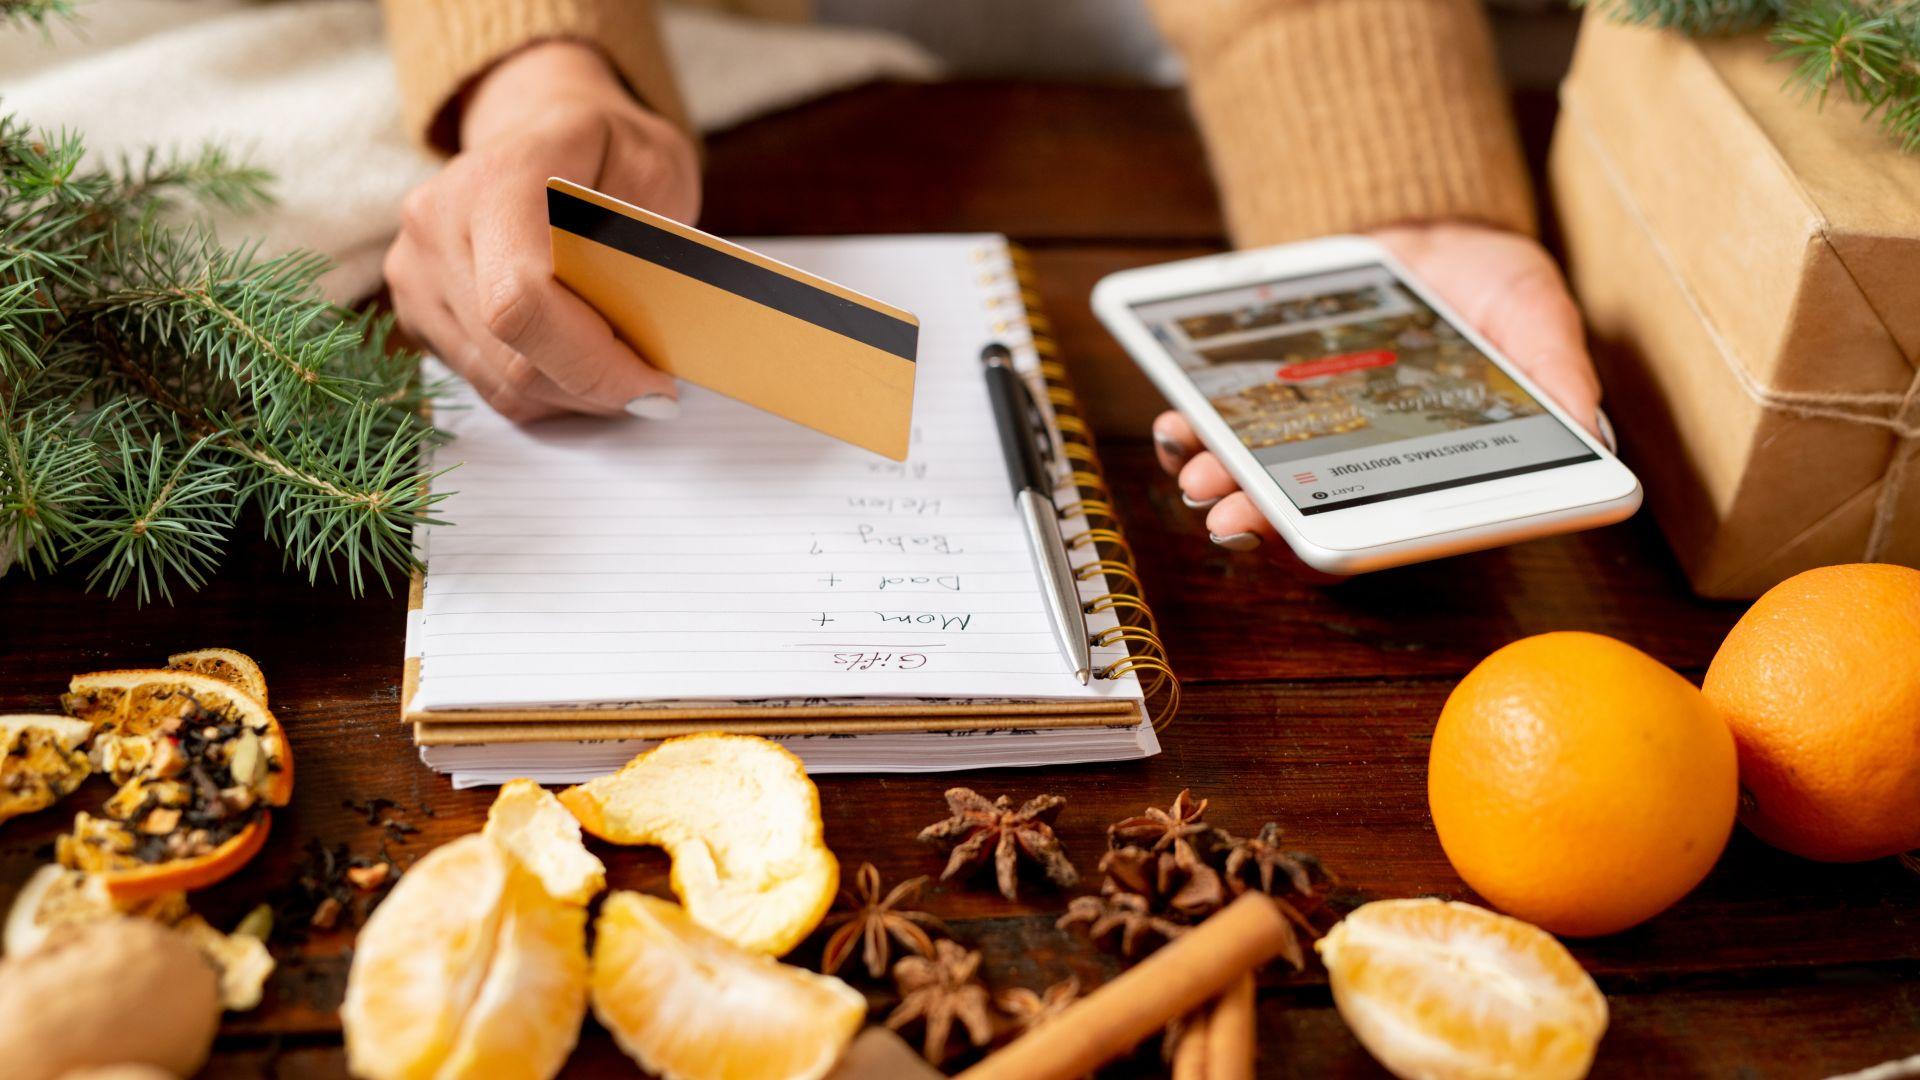 Малък план за перфектното коледно пазаруване: Колко, какво, за кого - направете си сметката!